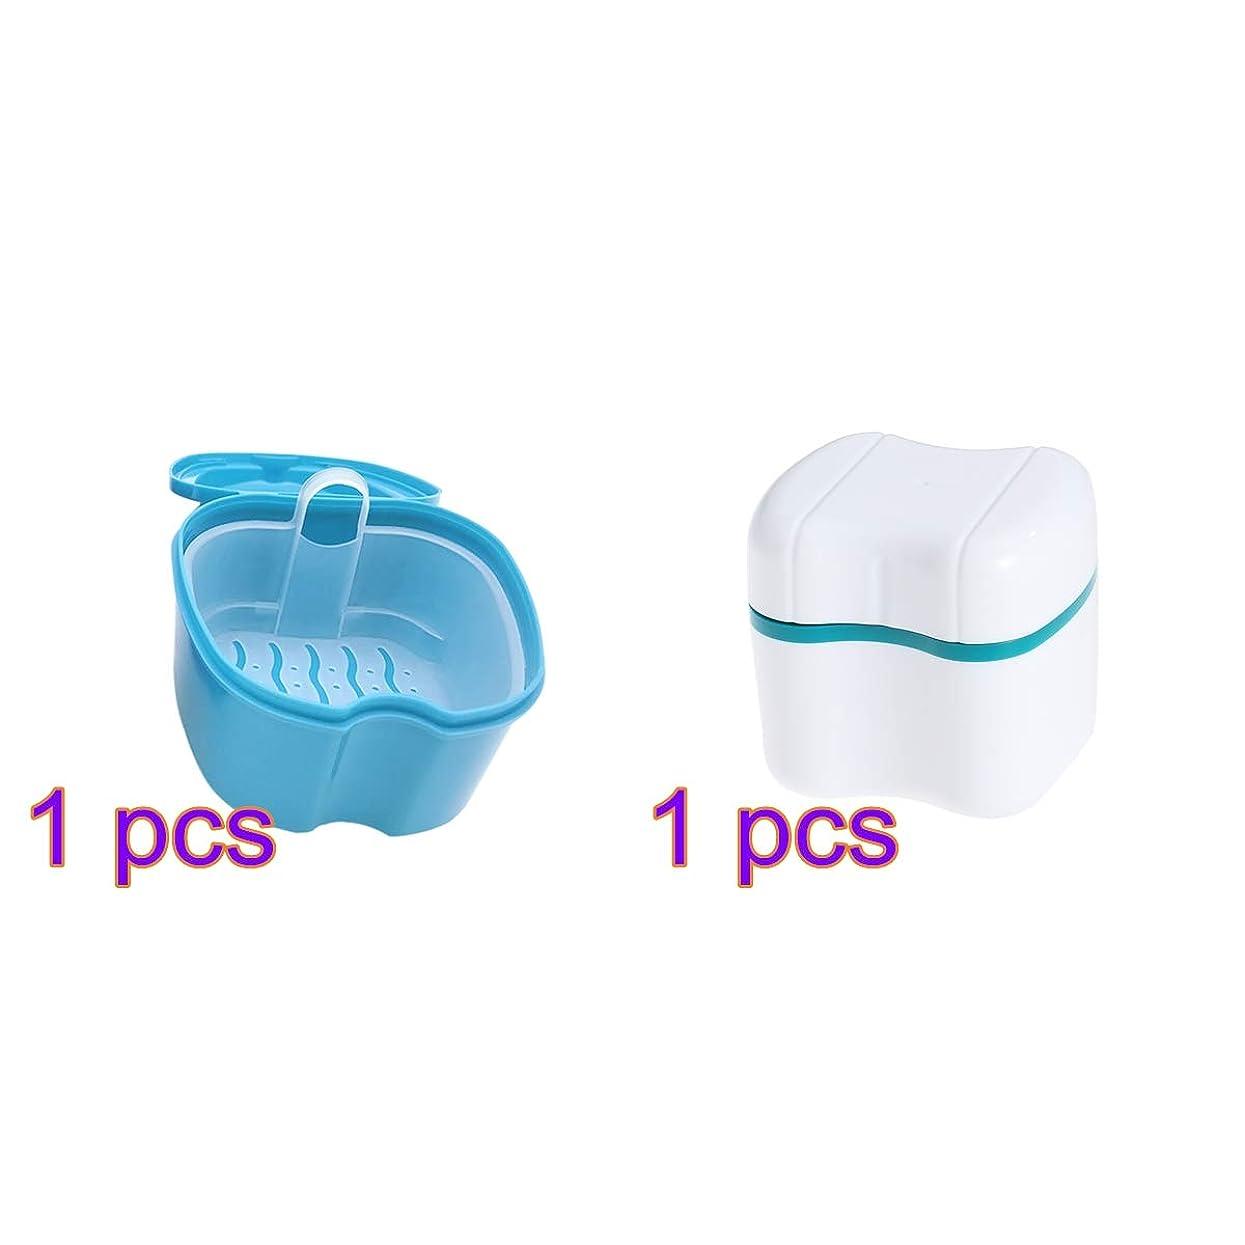 目立つ化粧溶接Healifty 義歯ボックスケース義歯バスボックスケース歯科偽歯収納ボックス2本